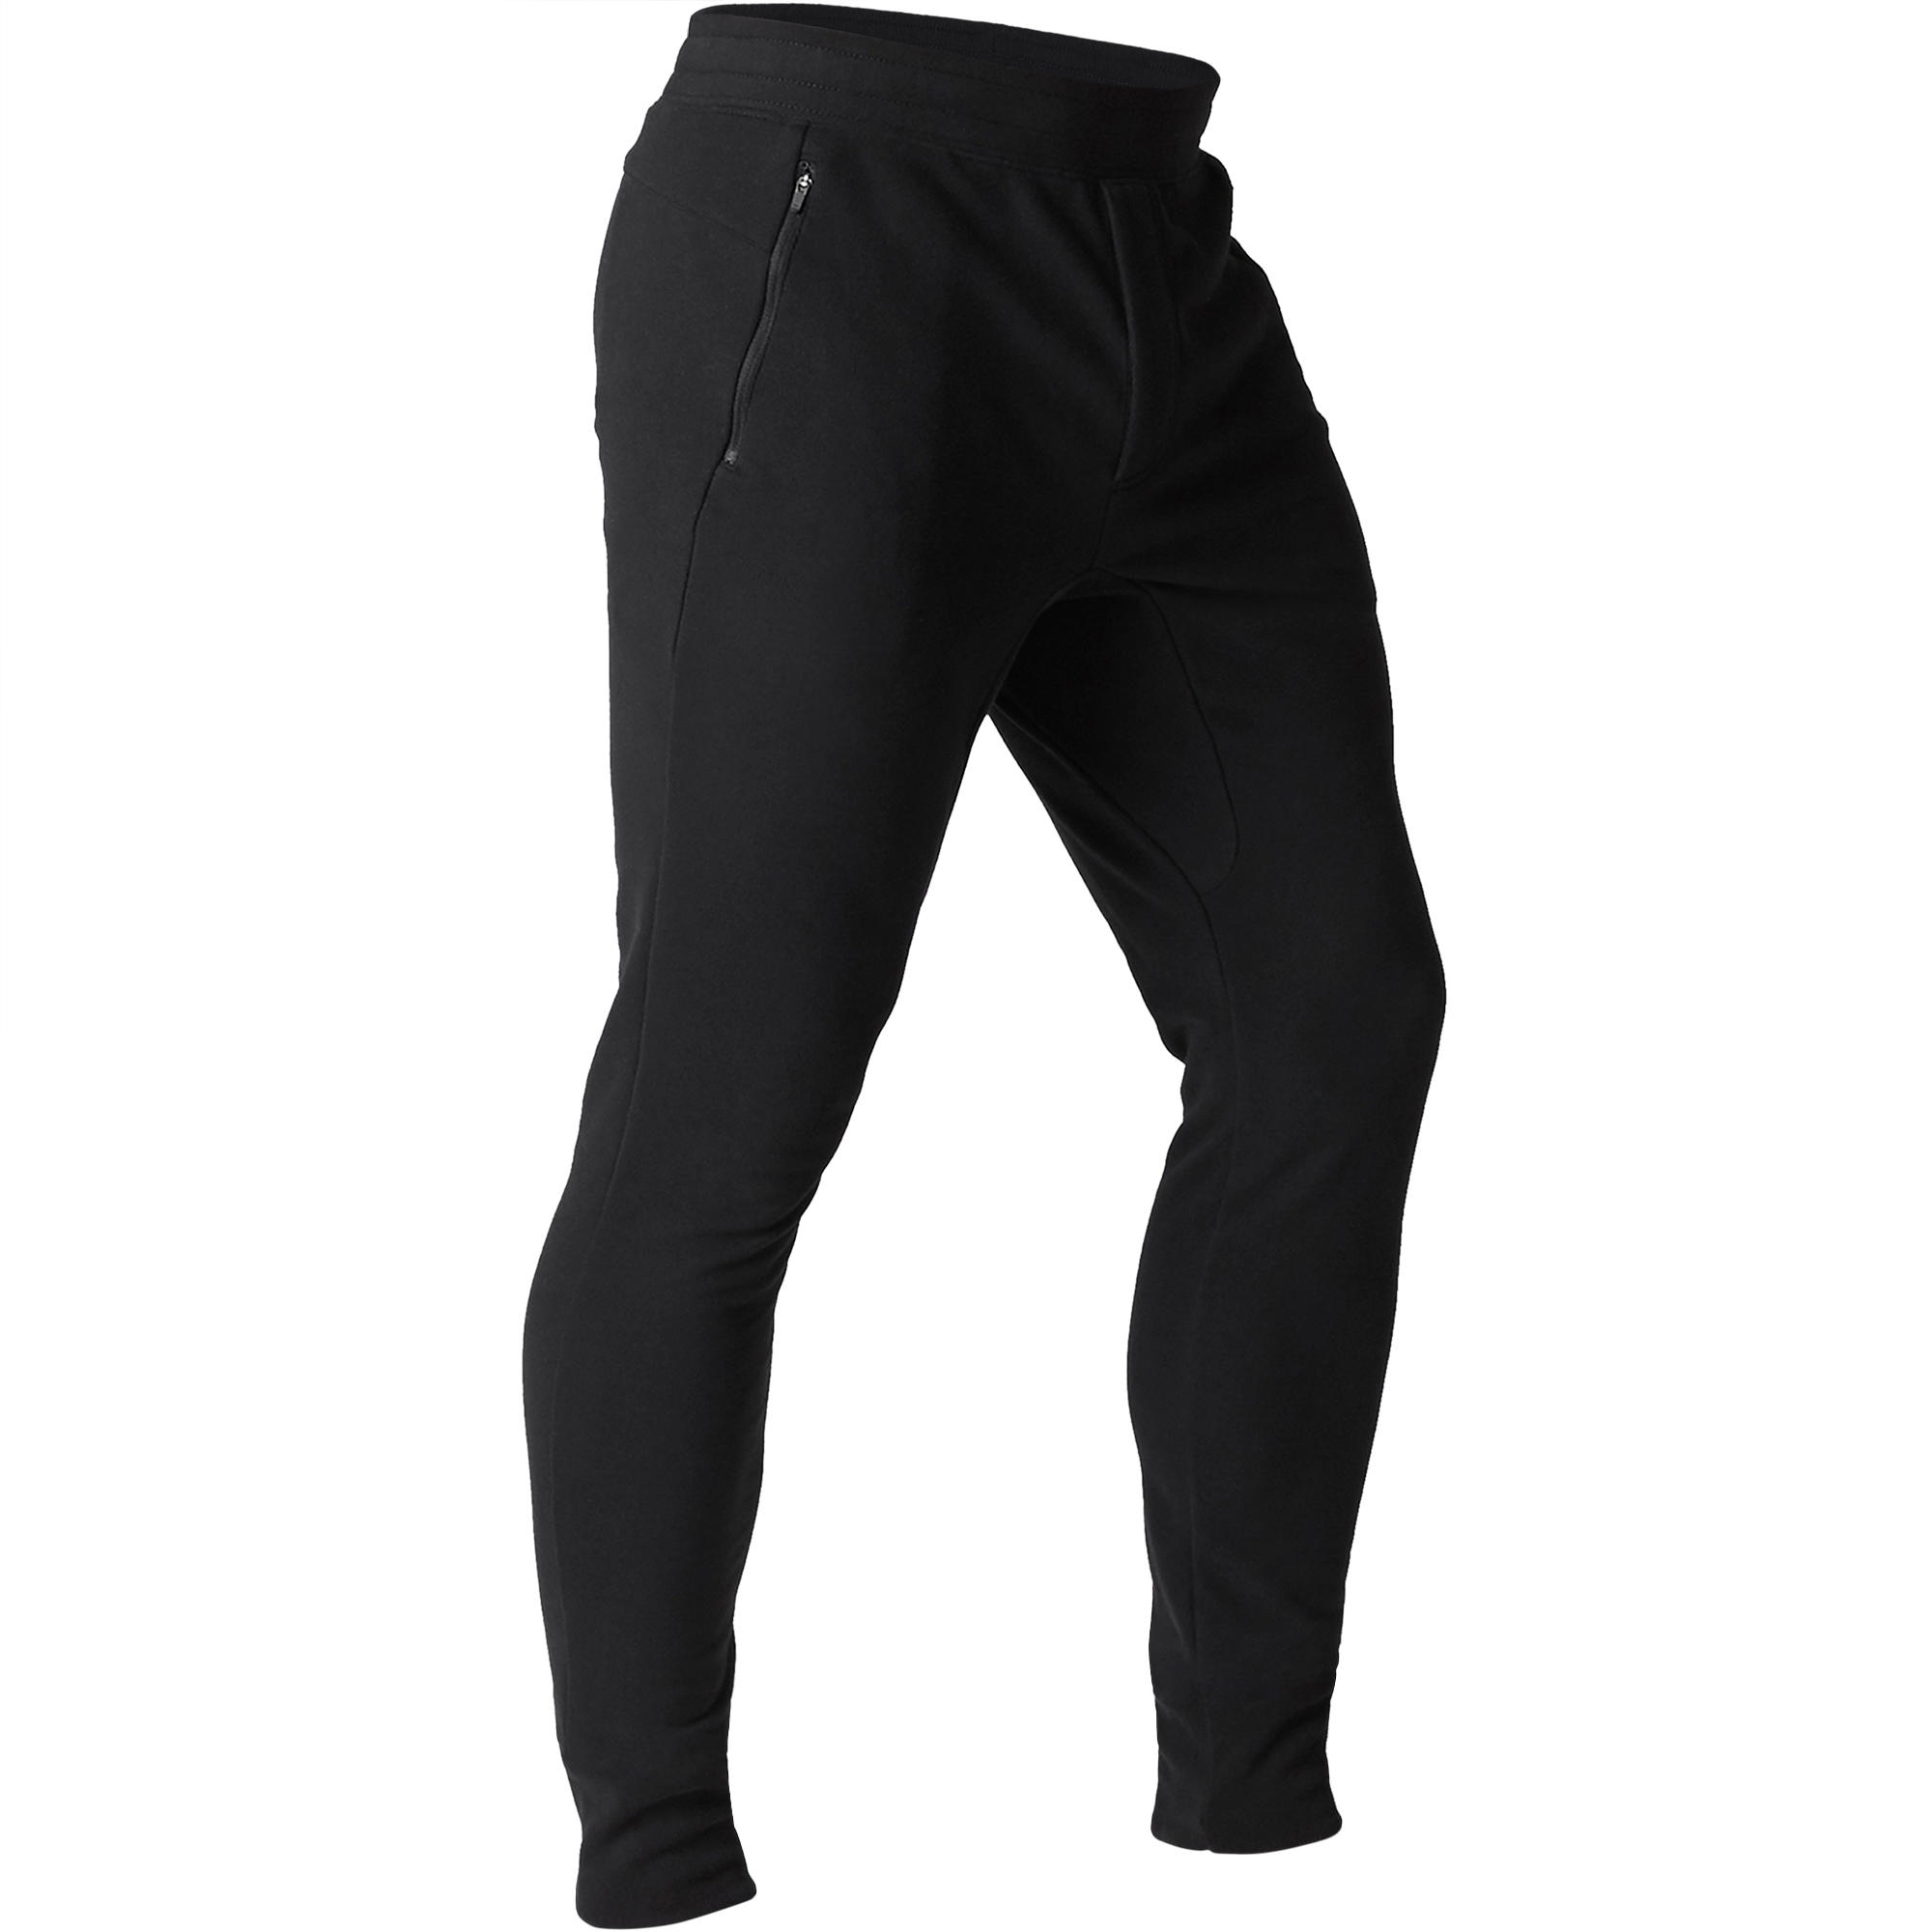 Pantalon 500 skinny zip gymnastique d'étirement noir homme